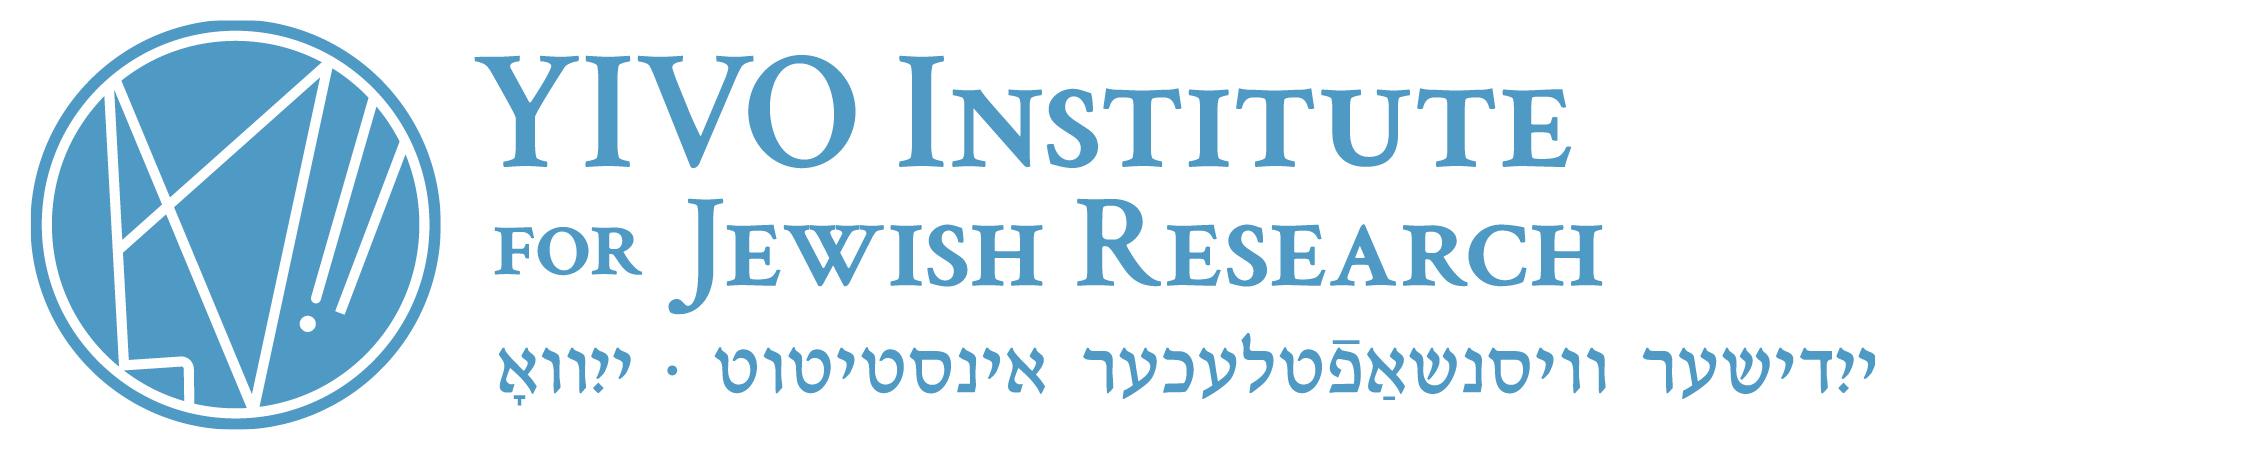 YIVO Institute